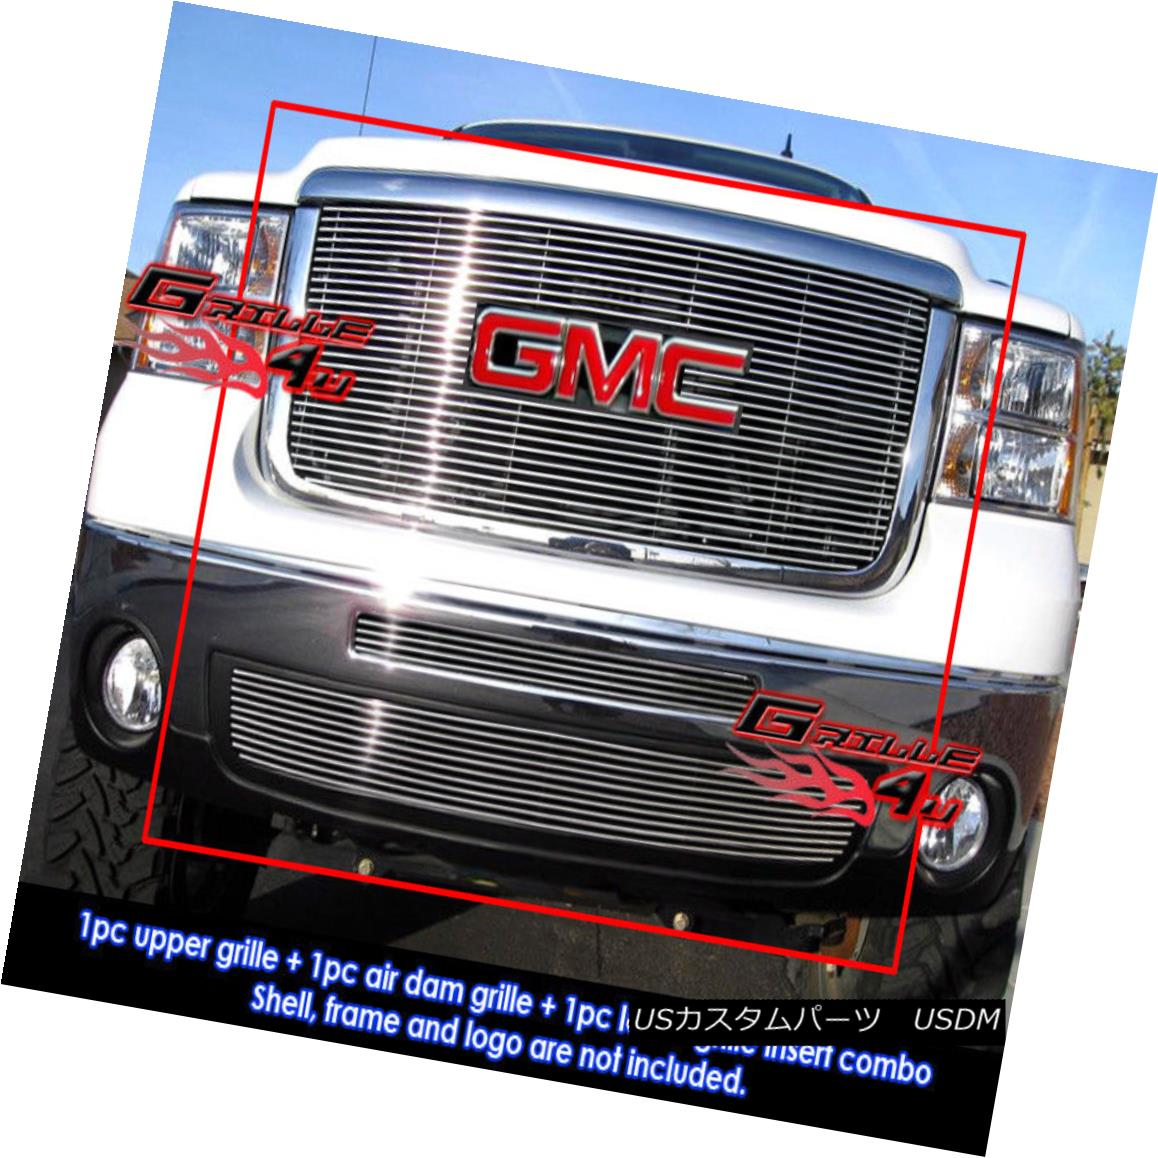 グリル For 07-10 GMC Sierra 2500HD/3500HD Billet Grille Combo 07-10 GMC Sierra 2500HD / 3500HDビレットグリルコンボ用